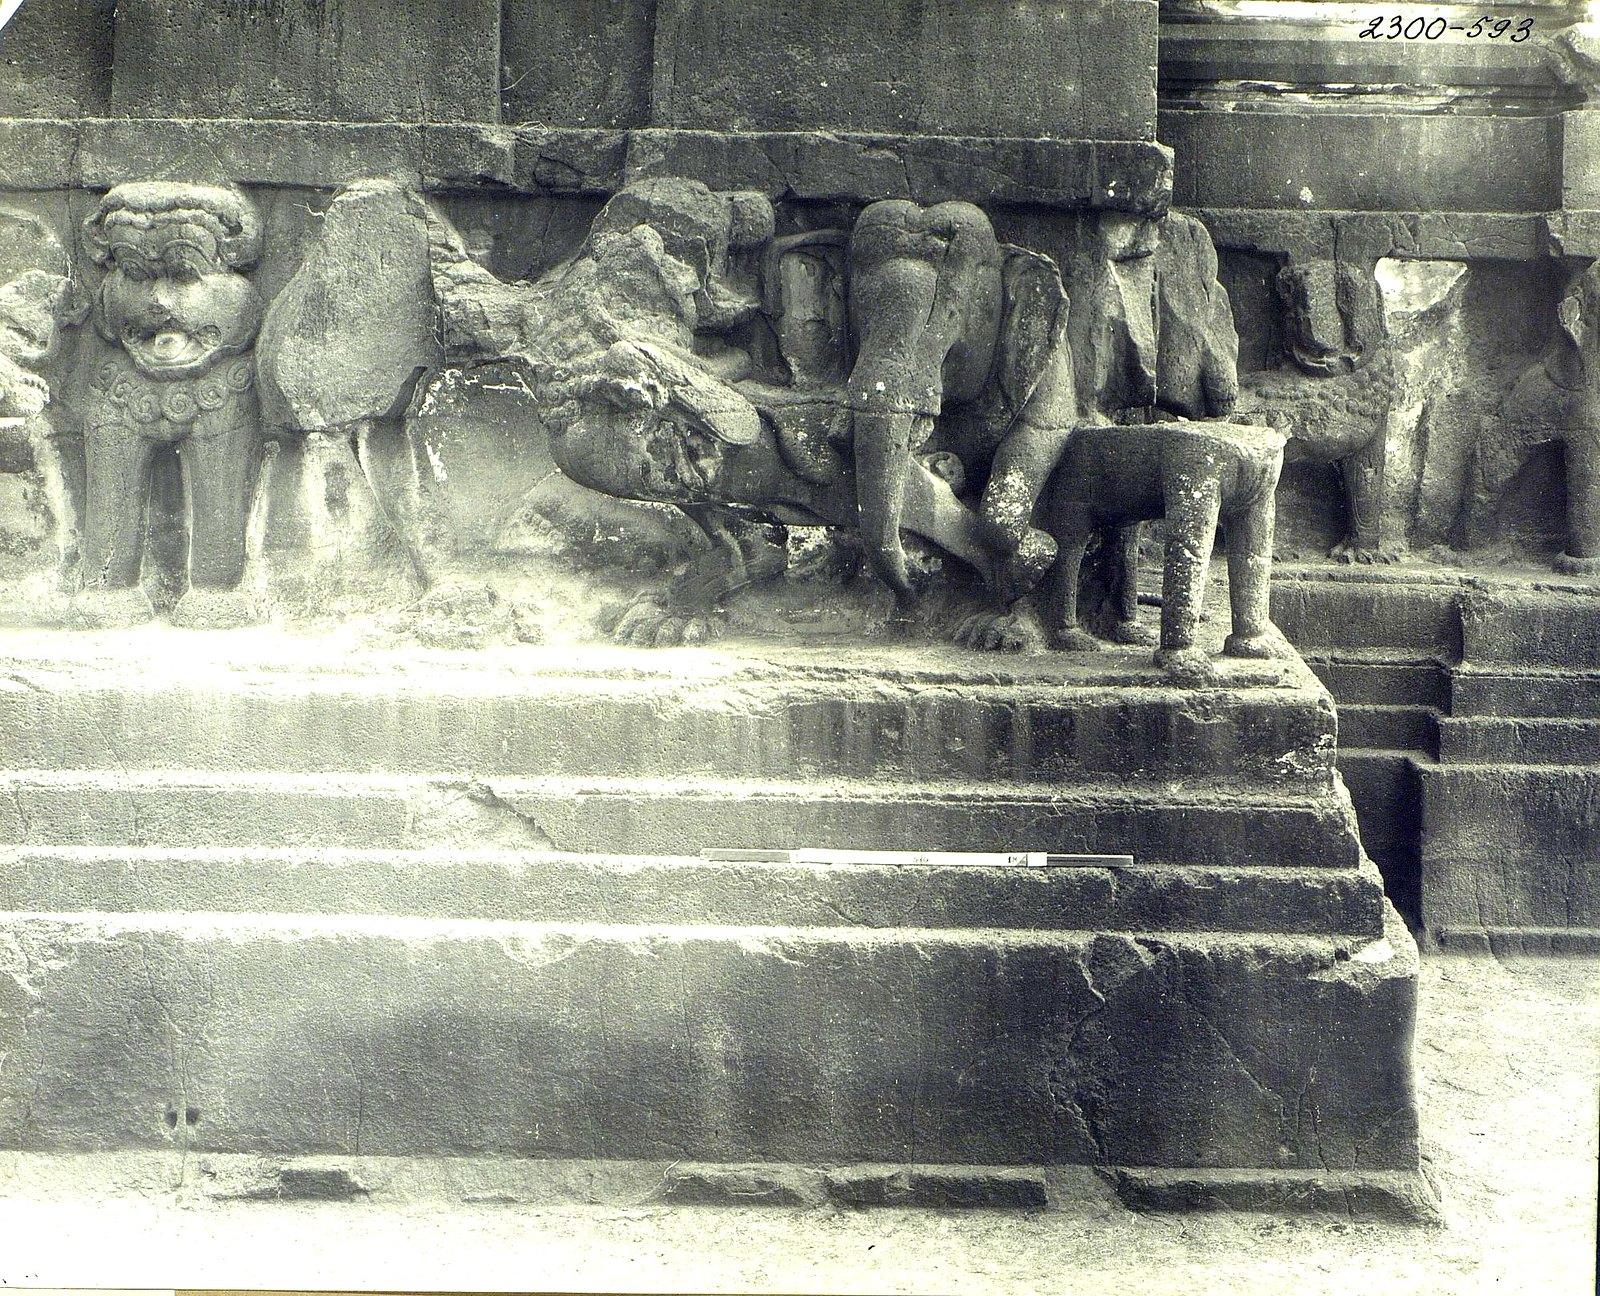 Храм Кайласа в Эллоре (деталь рельефа со слонами и львами) (21)